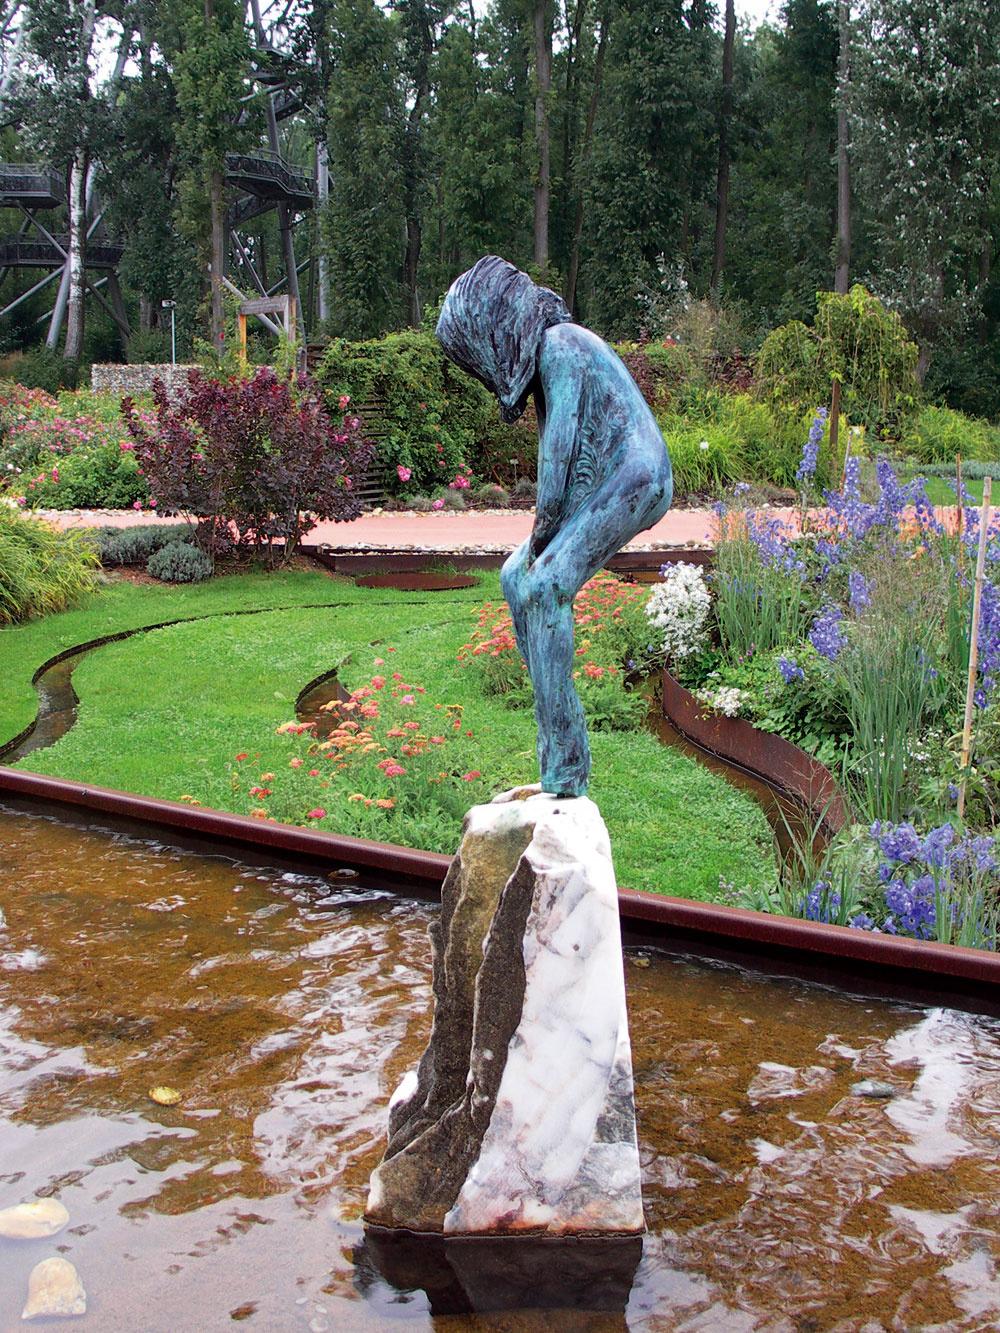 Po celej dĺžke jedného zchodníkov je vyvýšená kovová nádrž, ktorú pôvabne zdobí socha dievčaťa na vápencovom kameni. Hladina tejto veľkej nádrže je najvyššie, voda znej vyteká do kovových kanálov apreteká celou záhradou.